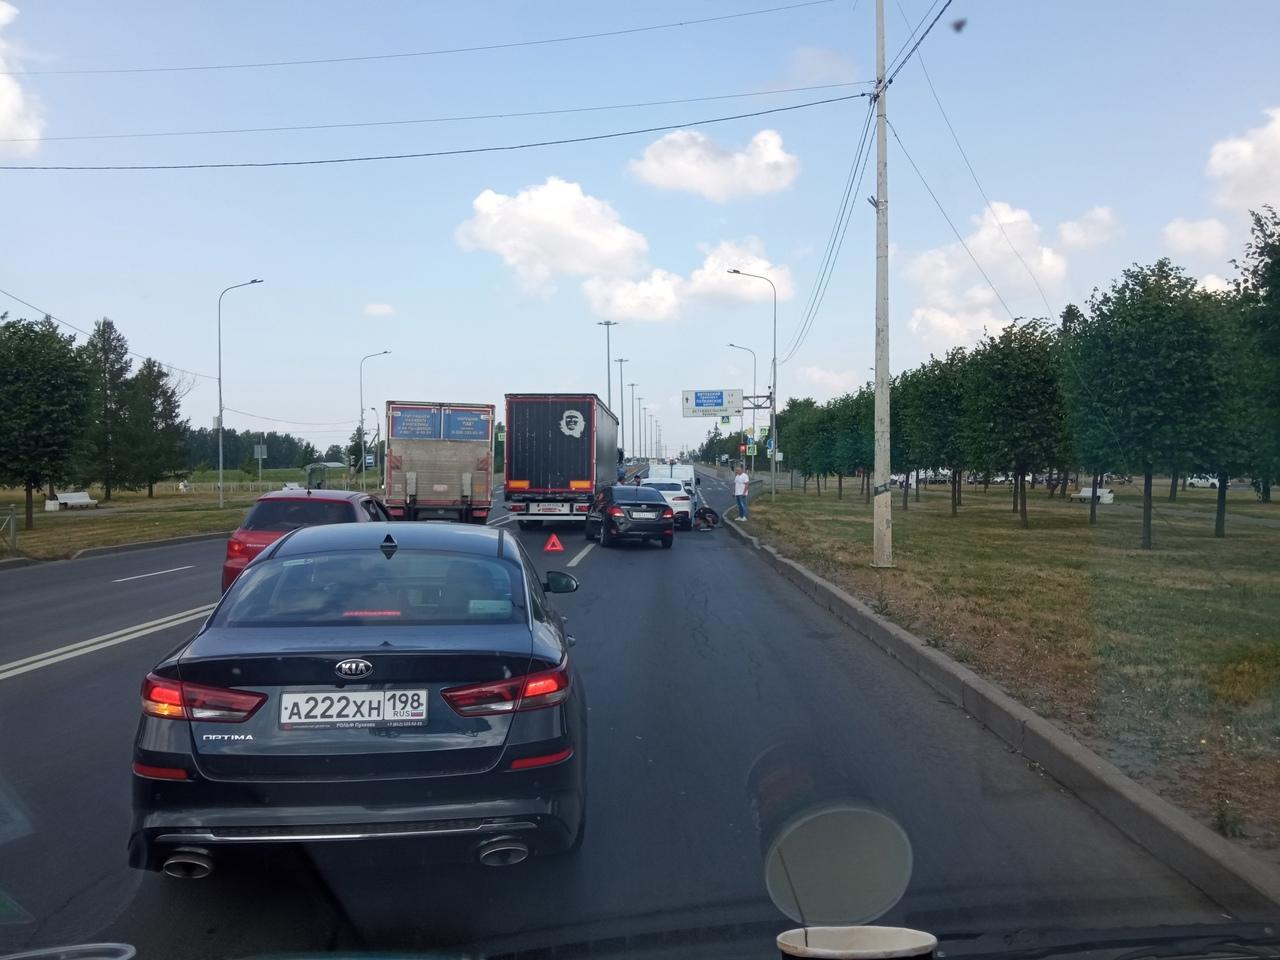 Легковушка залезла под большое и страшное и заблокировали выезд из города Пушкин в сторону Пулково. ...